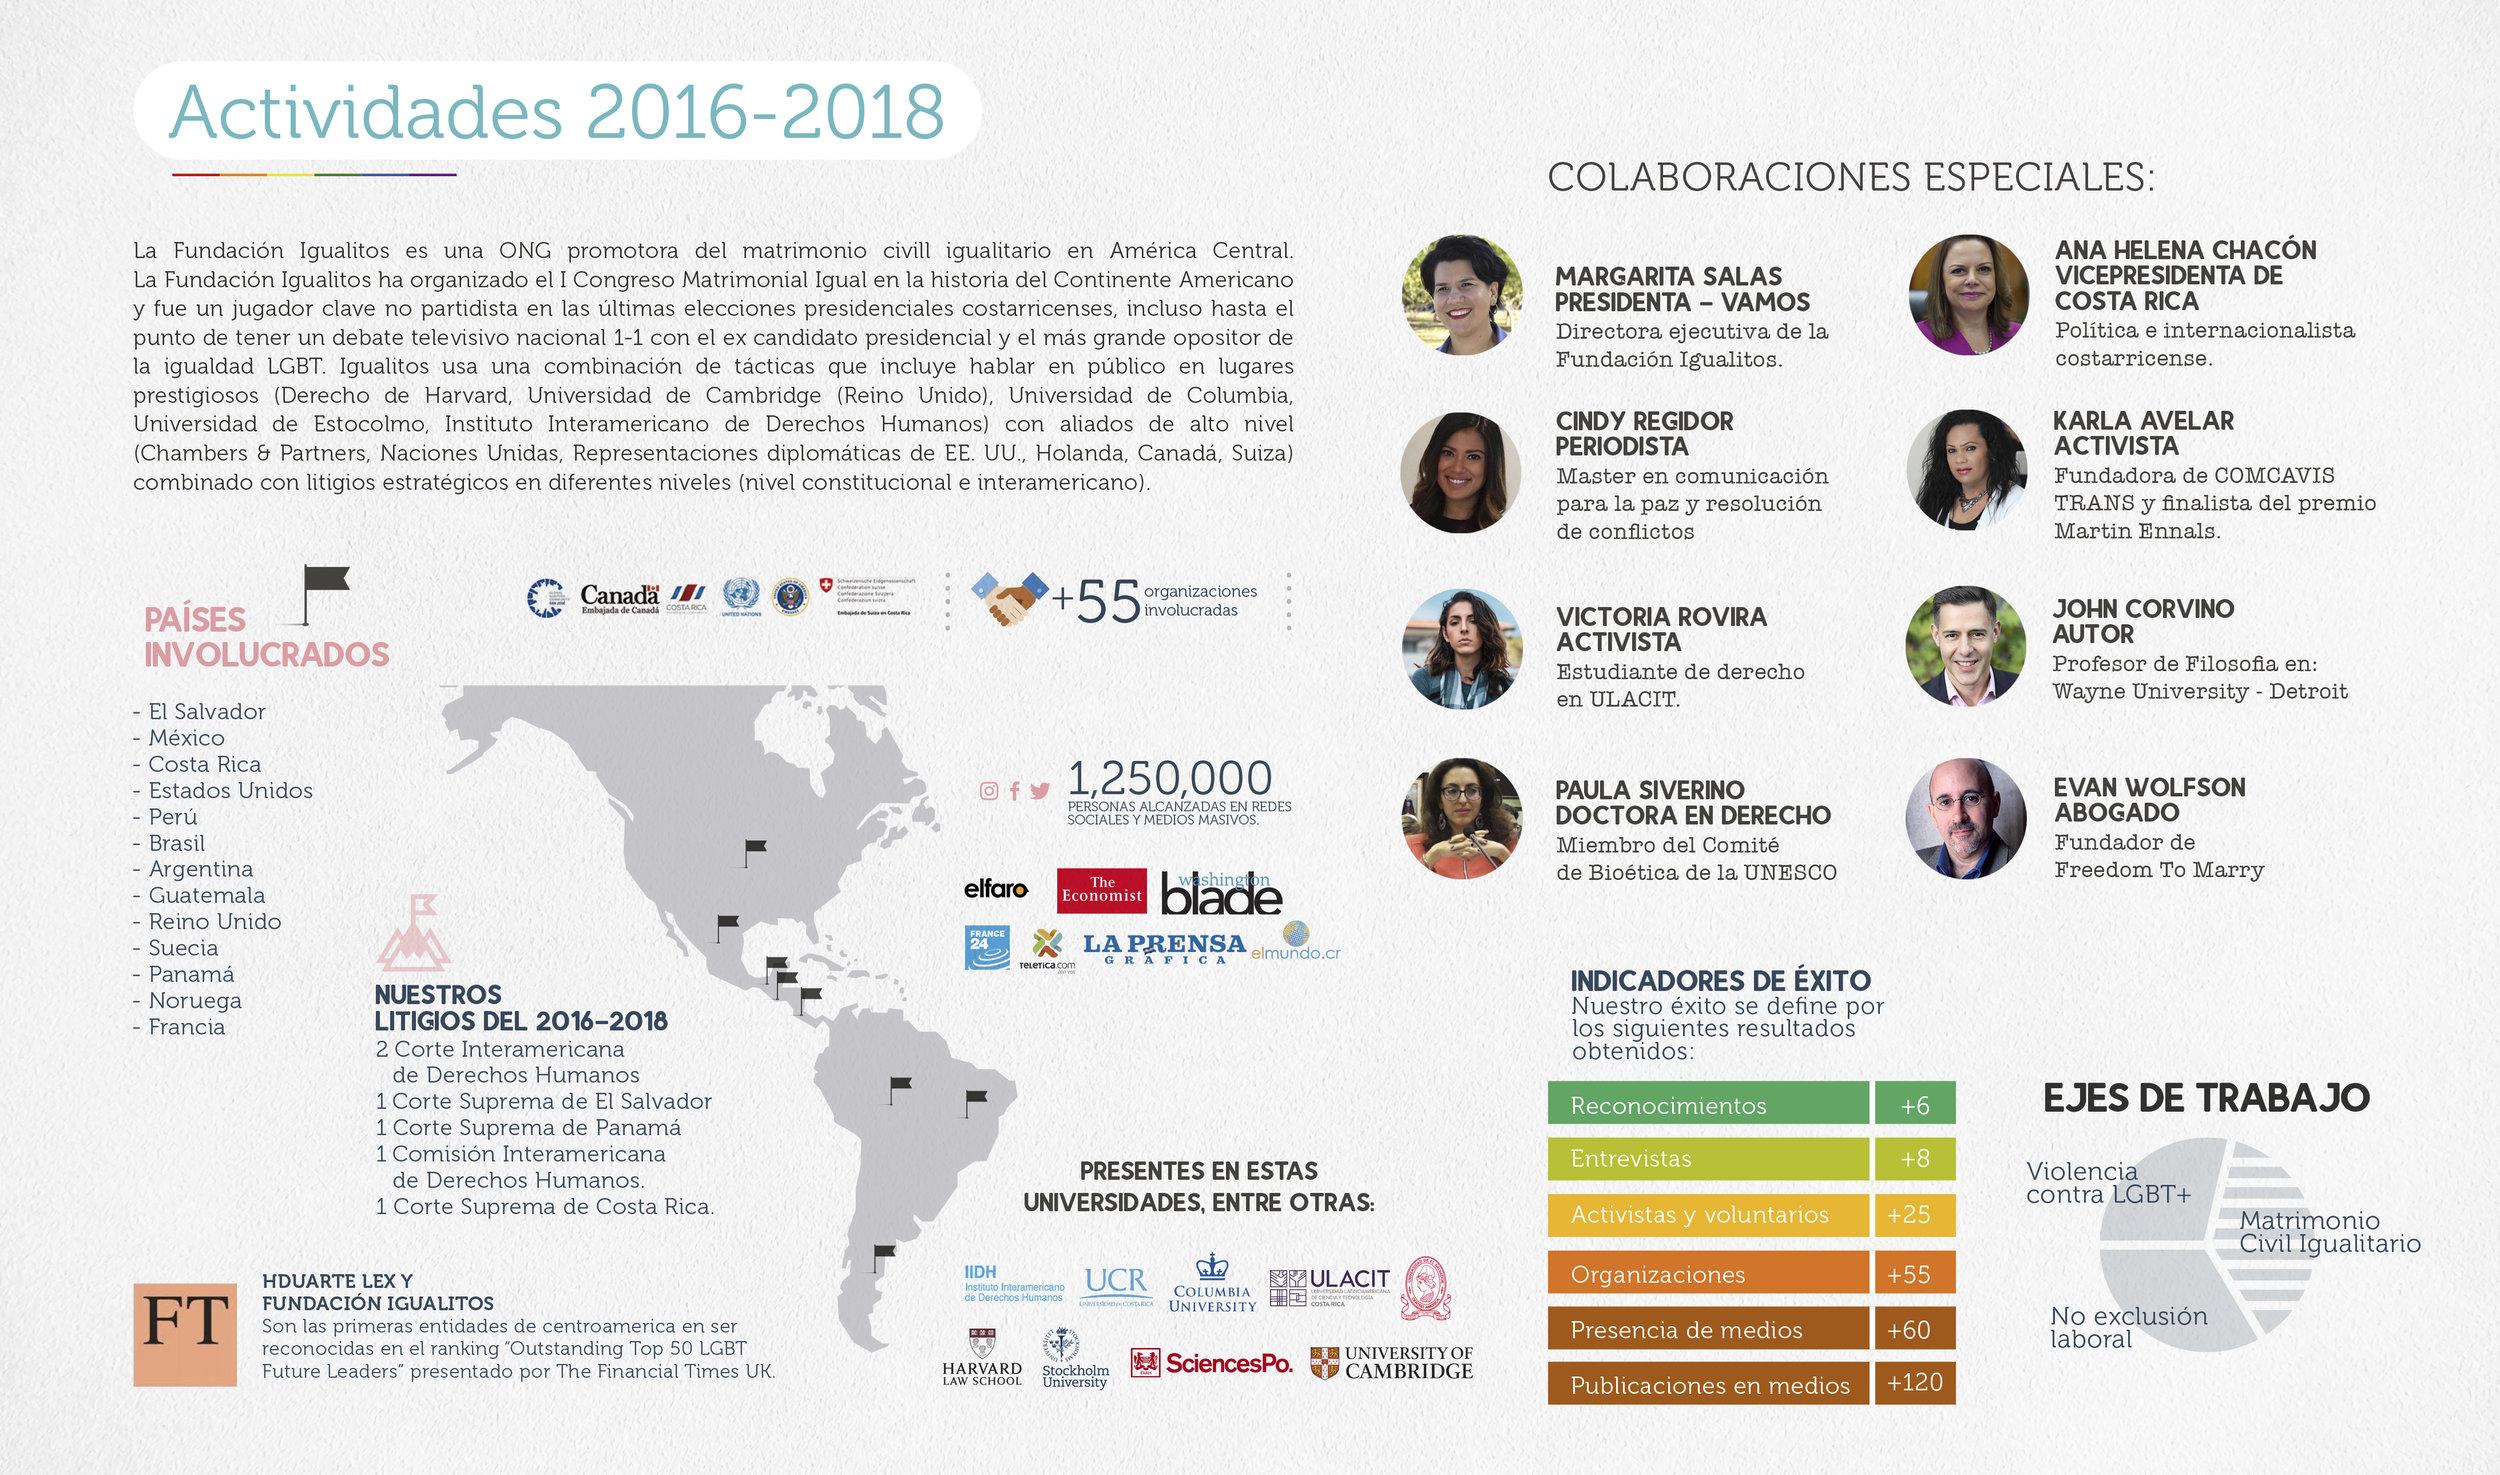 infografia Fundacion igualitos junio 2018